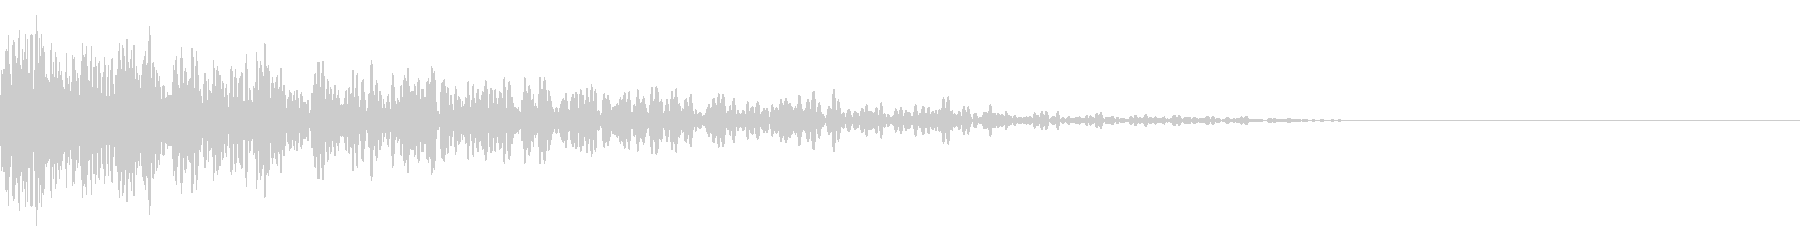 共鳴する爆発音と耳鳴りの未再生の波形